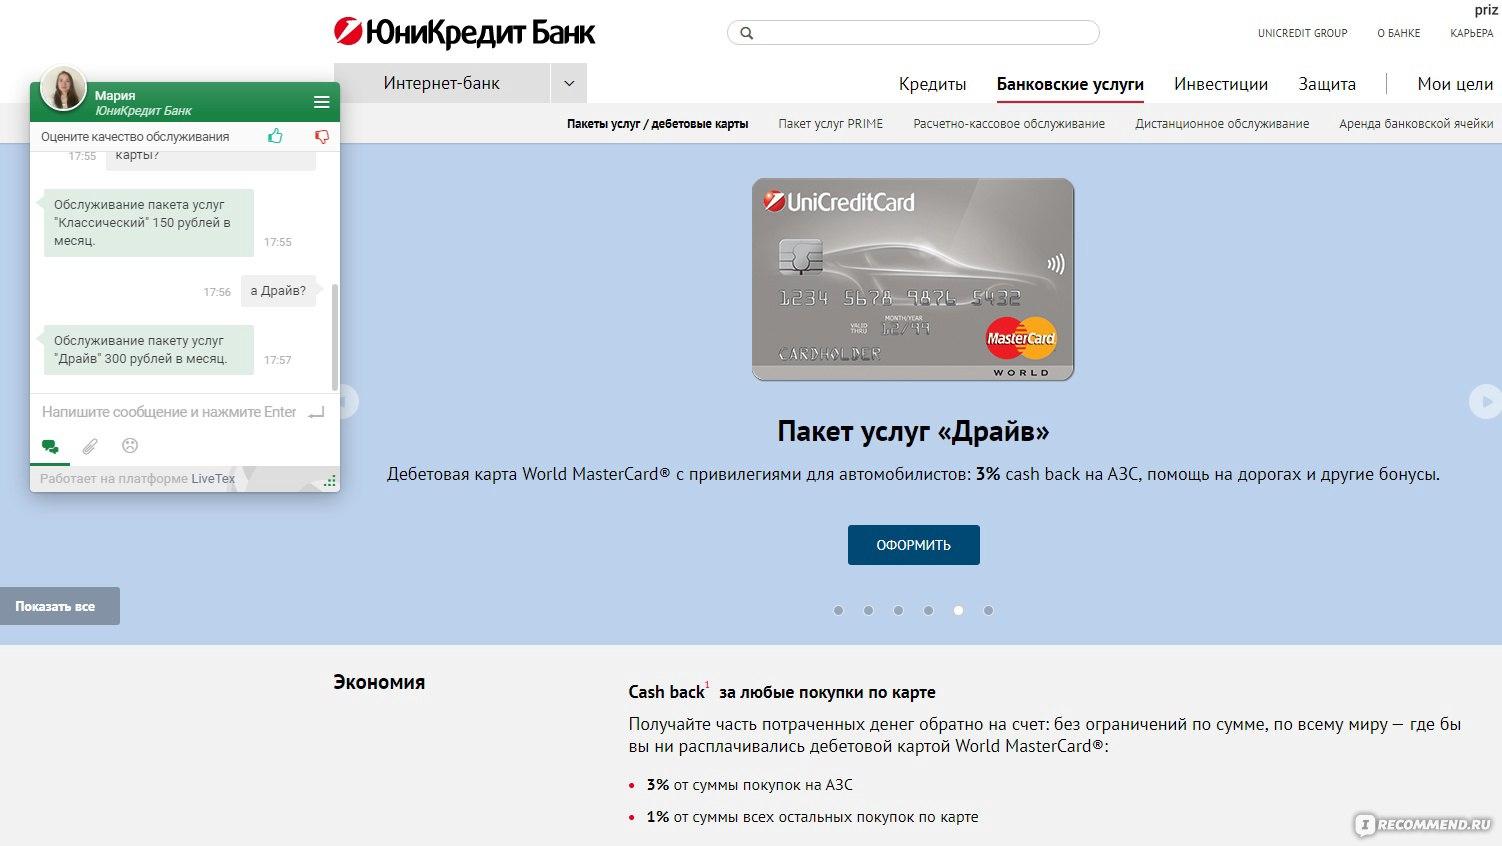 Потребительский кредит в юникредит банке отзывы